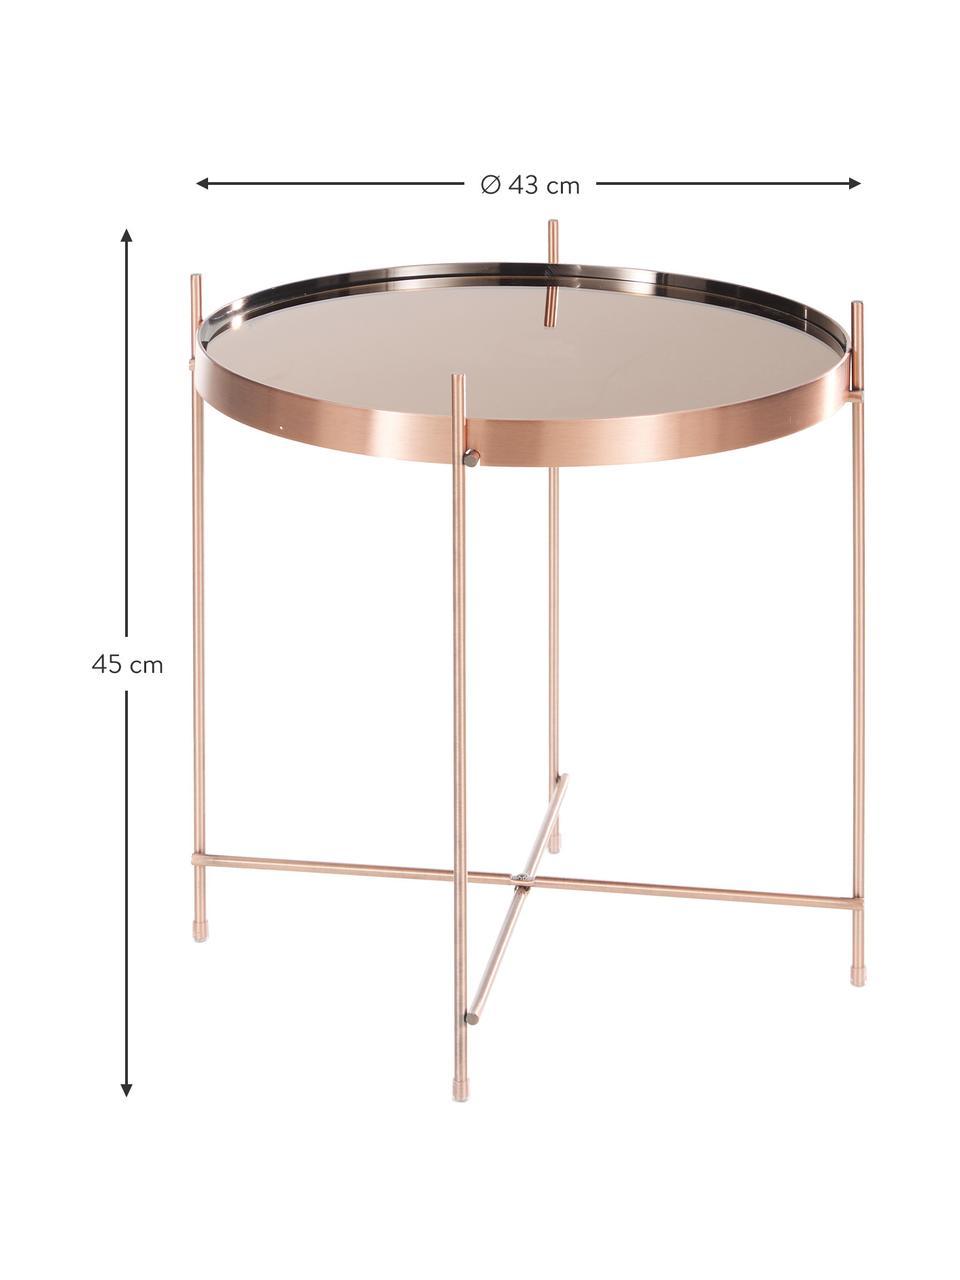 Stolik-taca Cupid, Stelaż: metal miedziowany, Blat: szkło, Miedziany, Ø 43 x W 45 cm